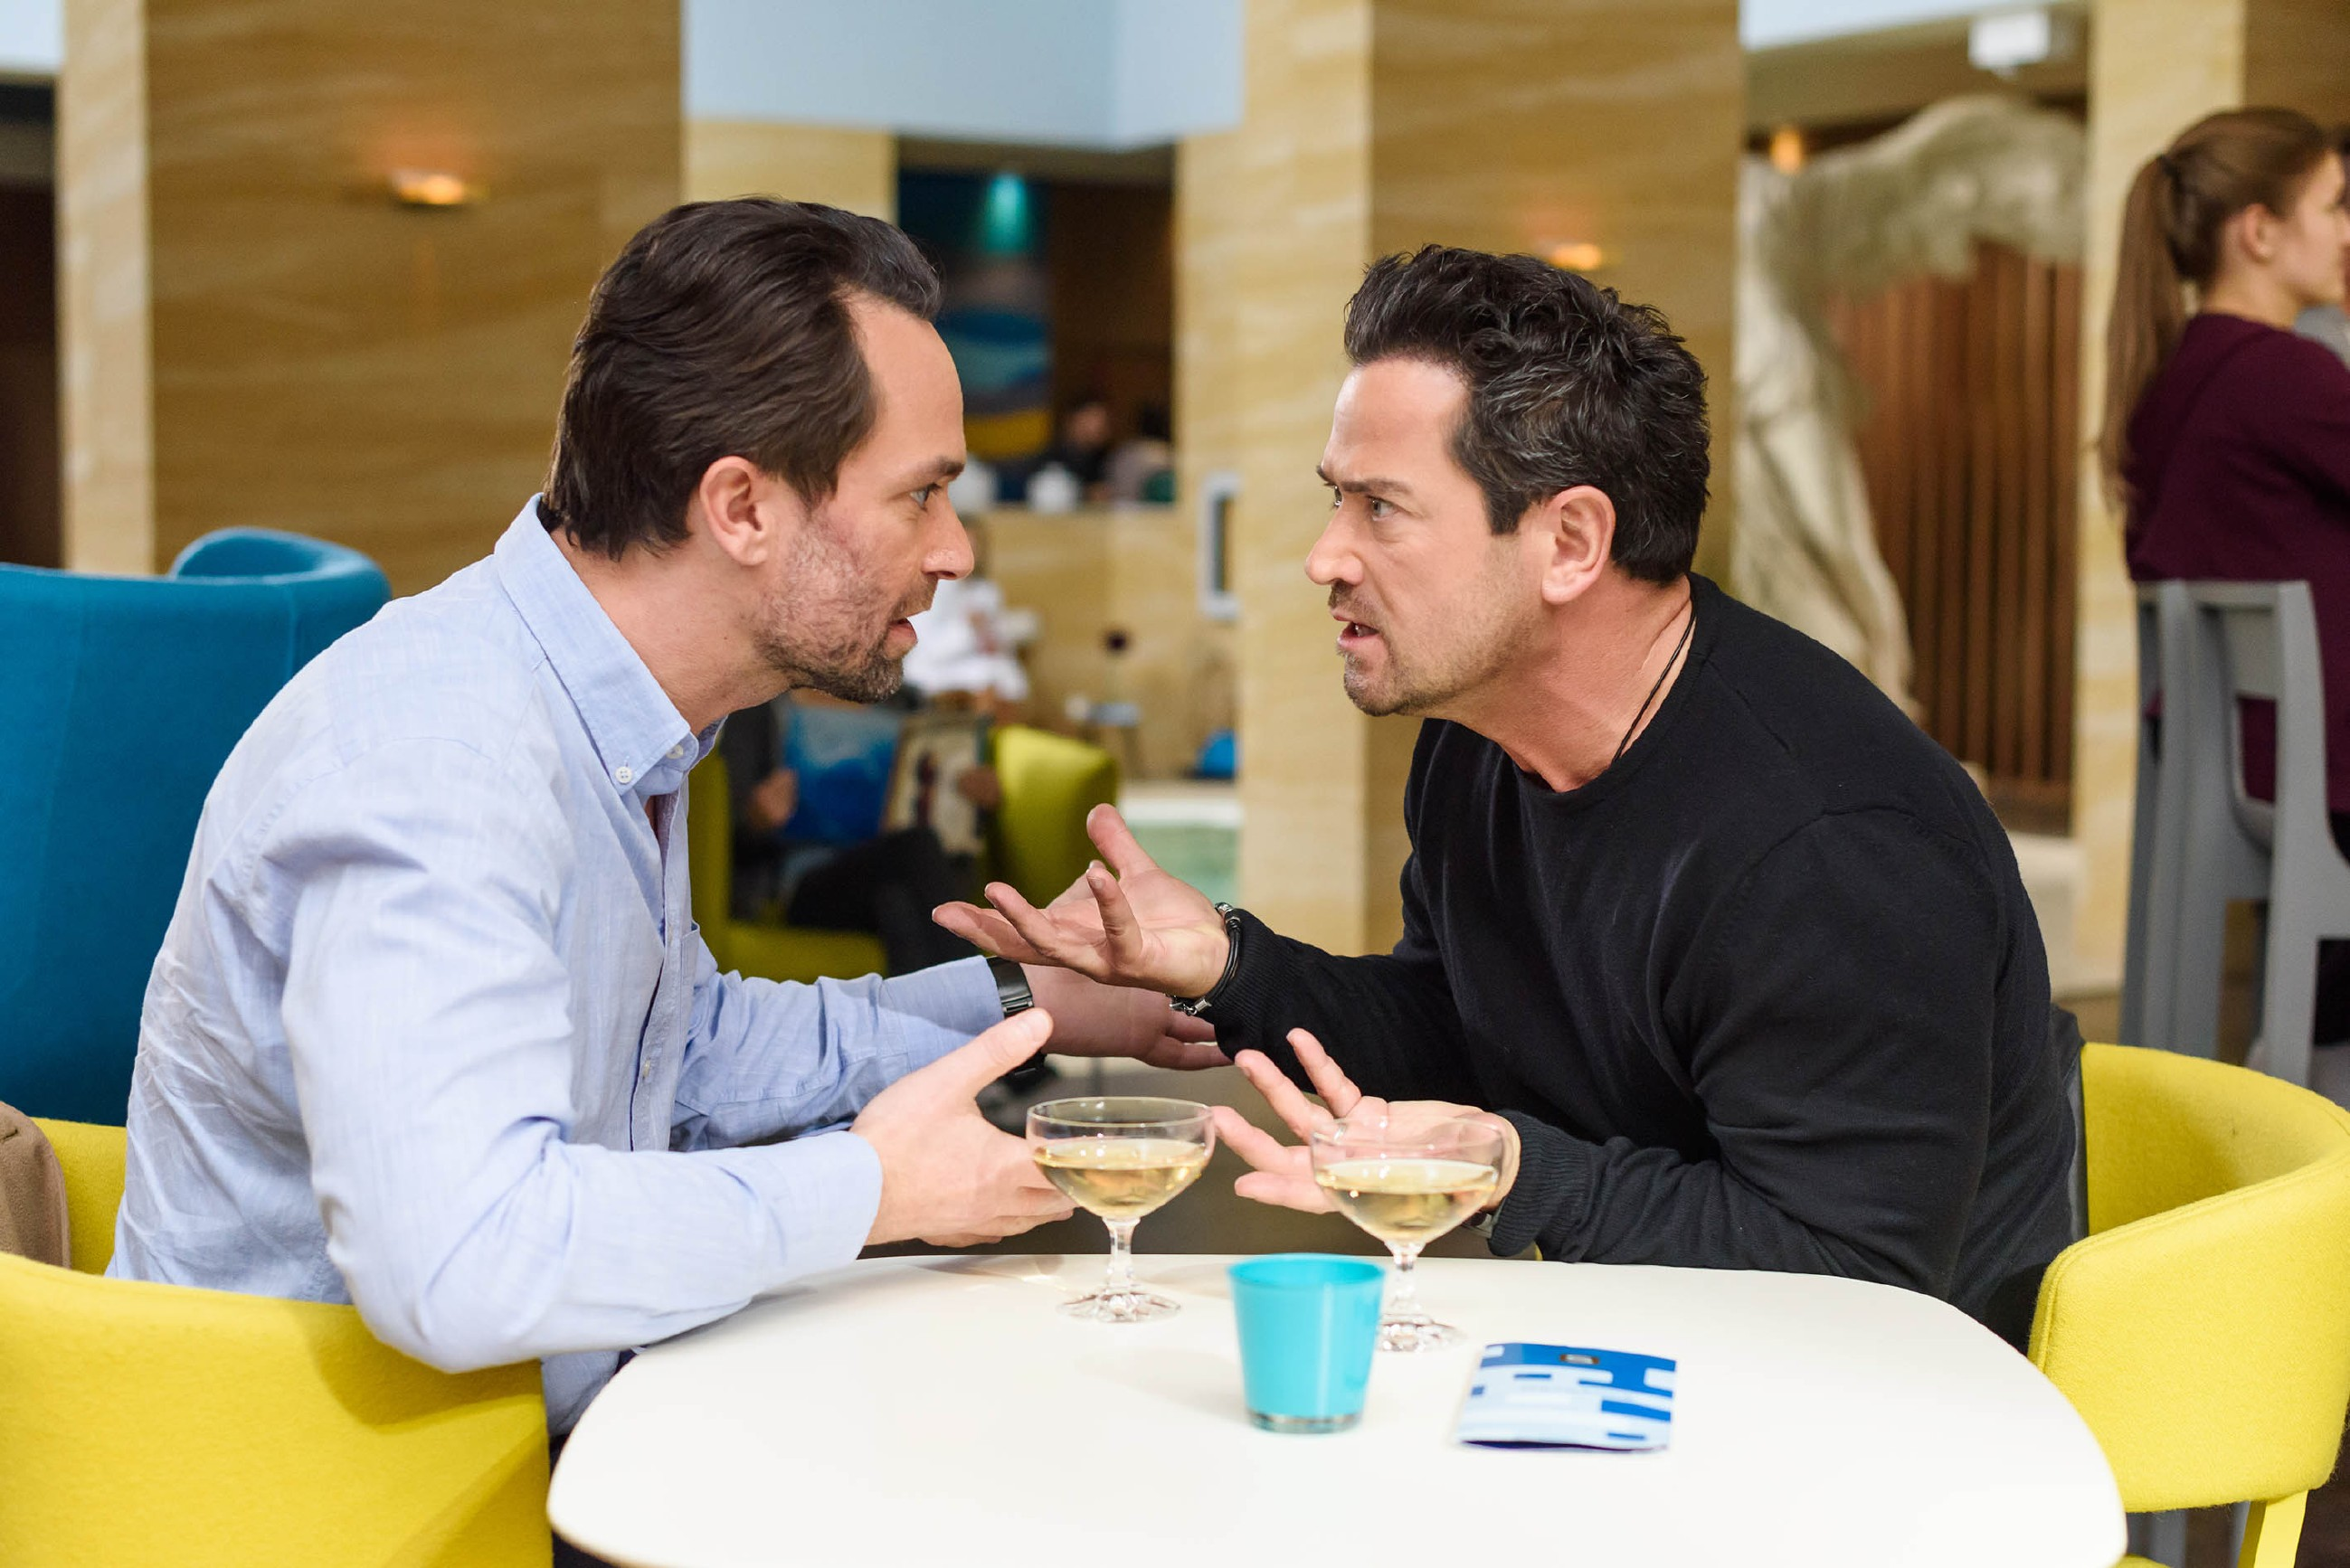 Marian (Sam Eisenstein, r.) macht Thomas (Daniel Brockhaus) klar, wie sehr er darunter leidet, wegen Leo alle Freunde - und sogar seine eigene Frau - belügen zu müssen. (Quelle: RTL / Julia Feldhagen)